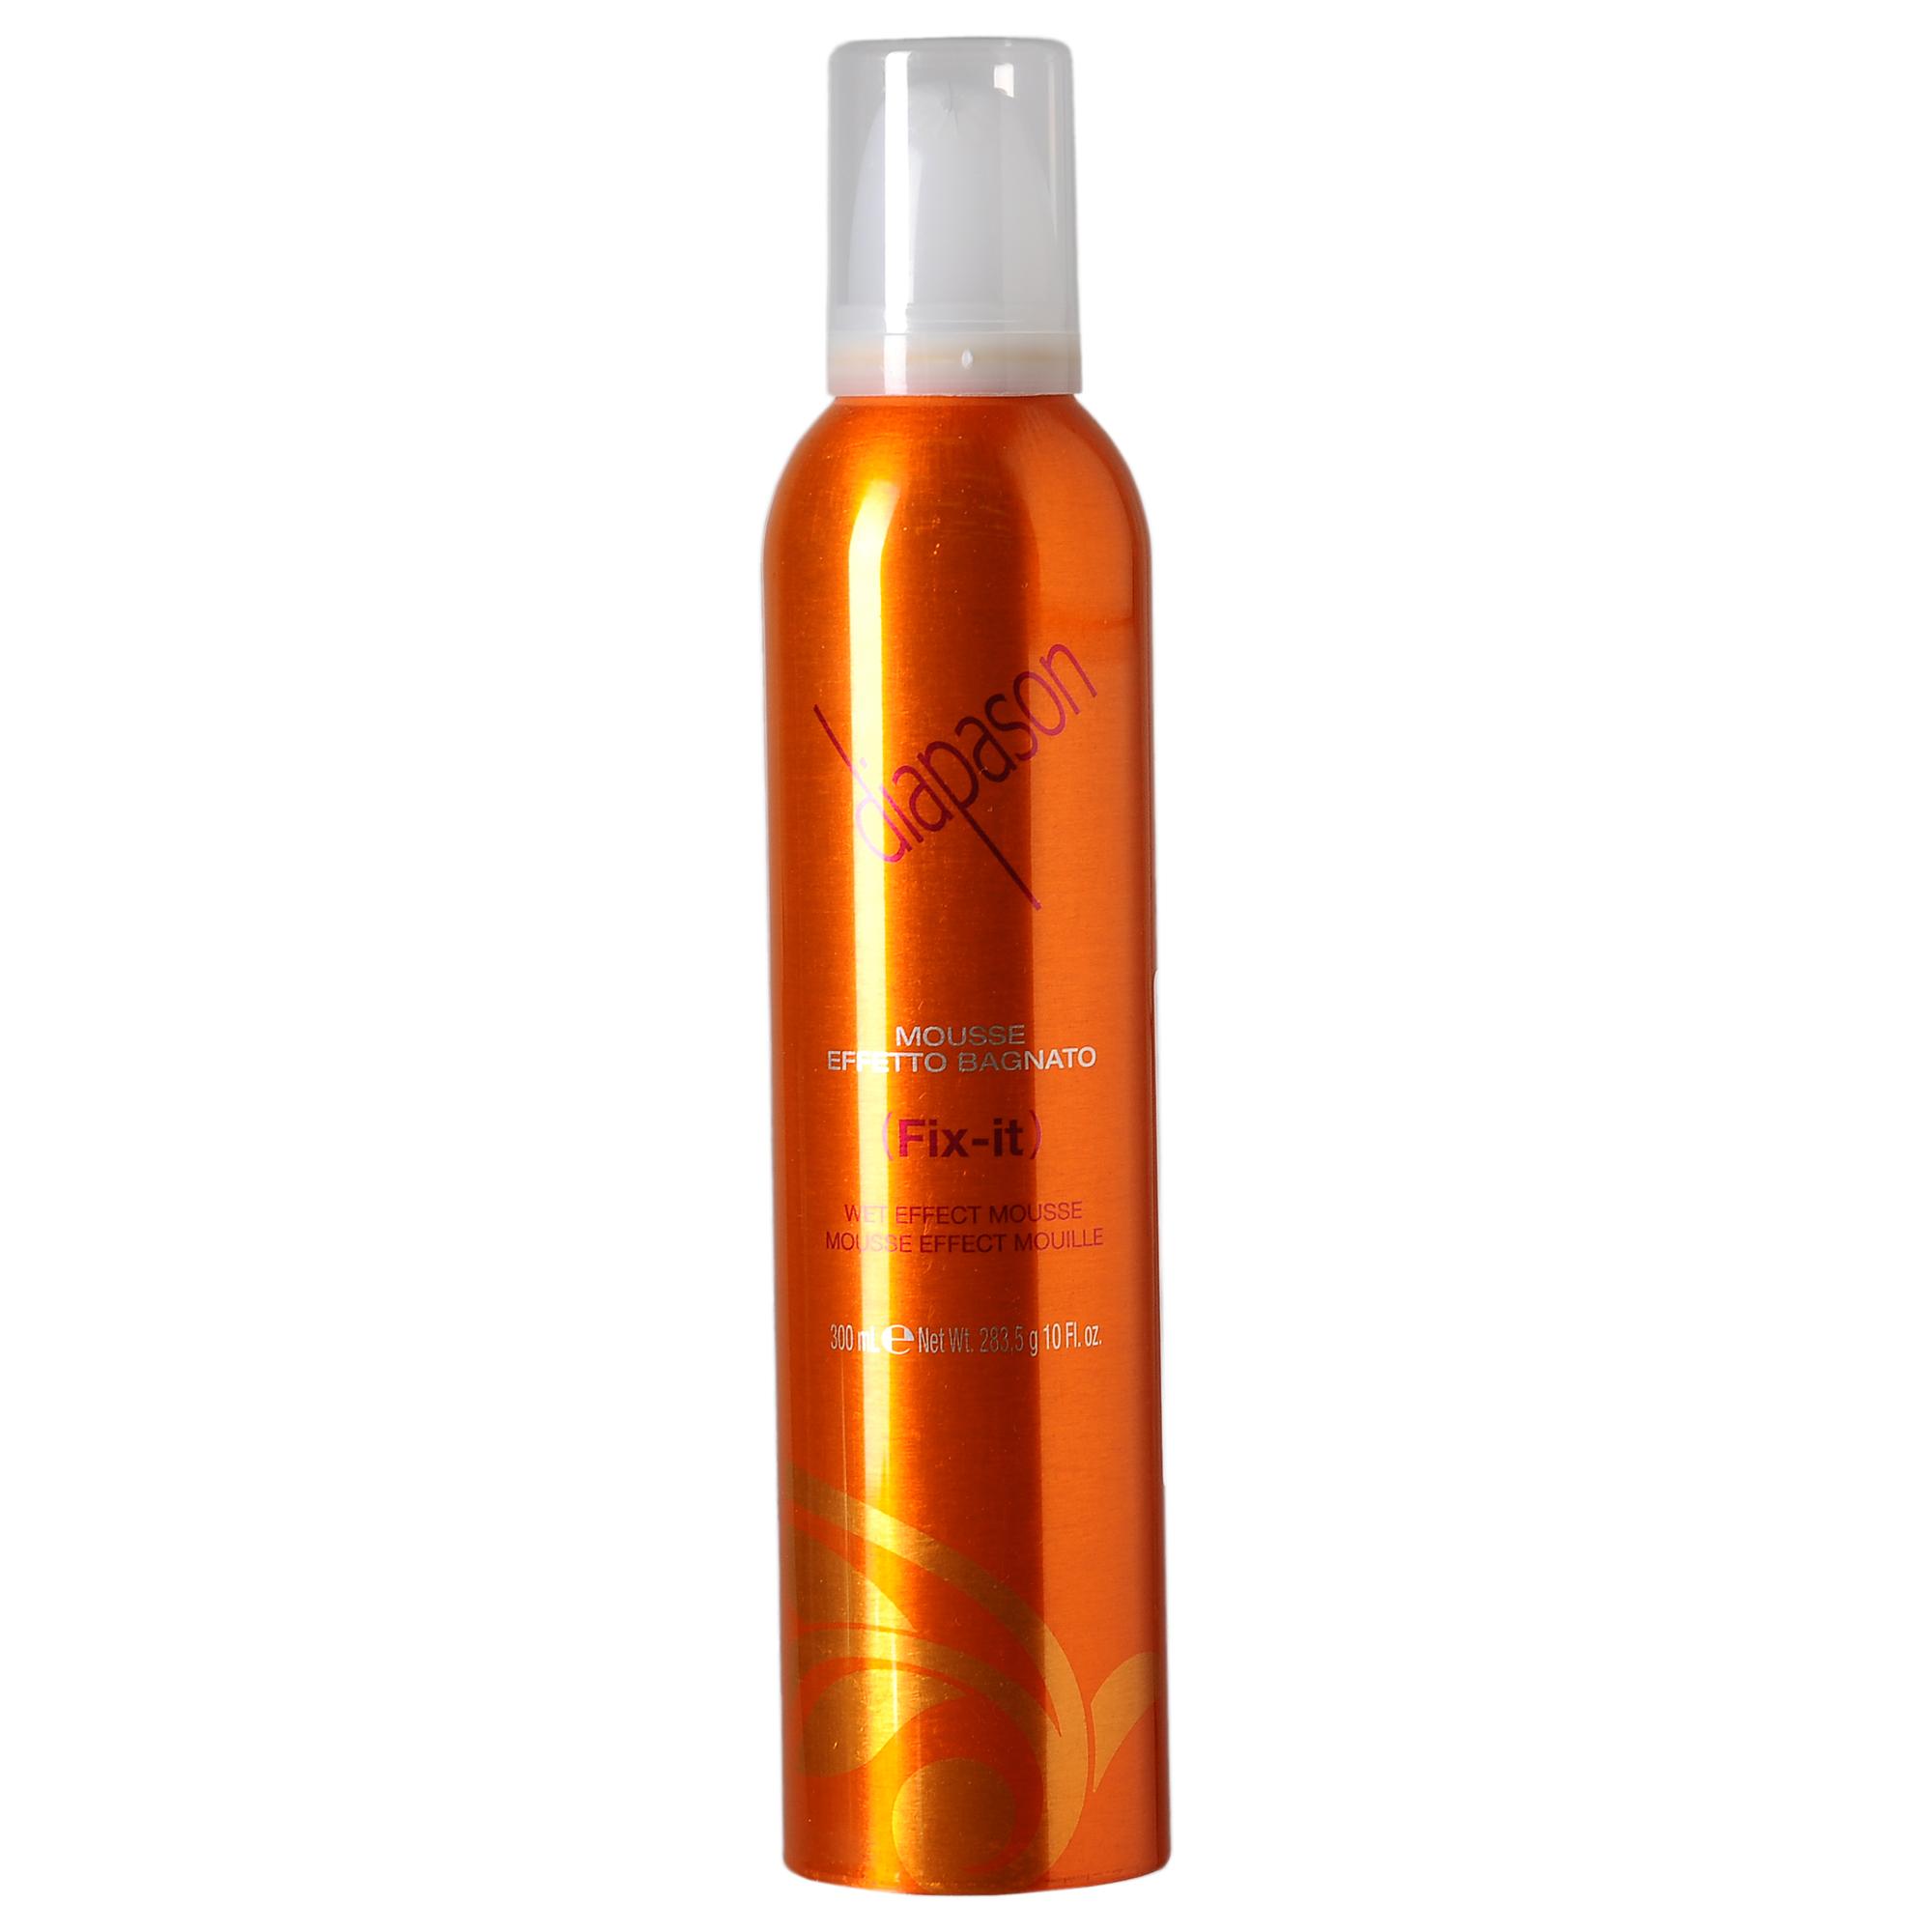 LISAP MILANO Мусс для укладки волос сильной фиксации / Diapason Wet Effect Mousse 300млМуссы<br>Мусс для укладки Diapason LISAP. Отлично подойдет для кудрявых волос. Хорошо формирует локон. Мусс для волос с эффектом мокрых волос. Защищает волосы, оставляя их блестящимим и шелковистыми придает мокрый эффект оканчивая стайлинг. Также идеален для создания блека, щелковистости и фиксации волос при укладки феном. Способ применения: хорошо встряхнуть и распределить небольшое количество продукта на волосы перед укладкой<br><br>Объем: 300 мл